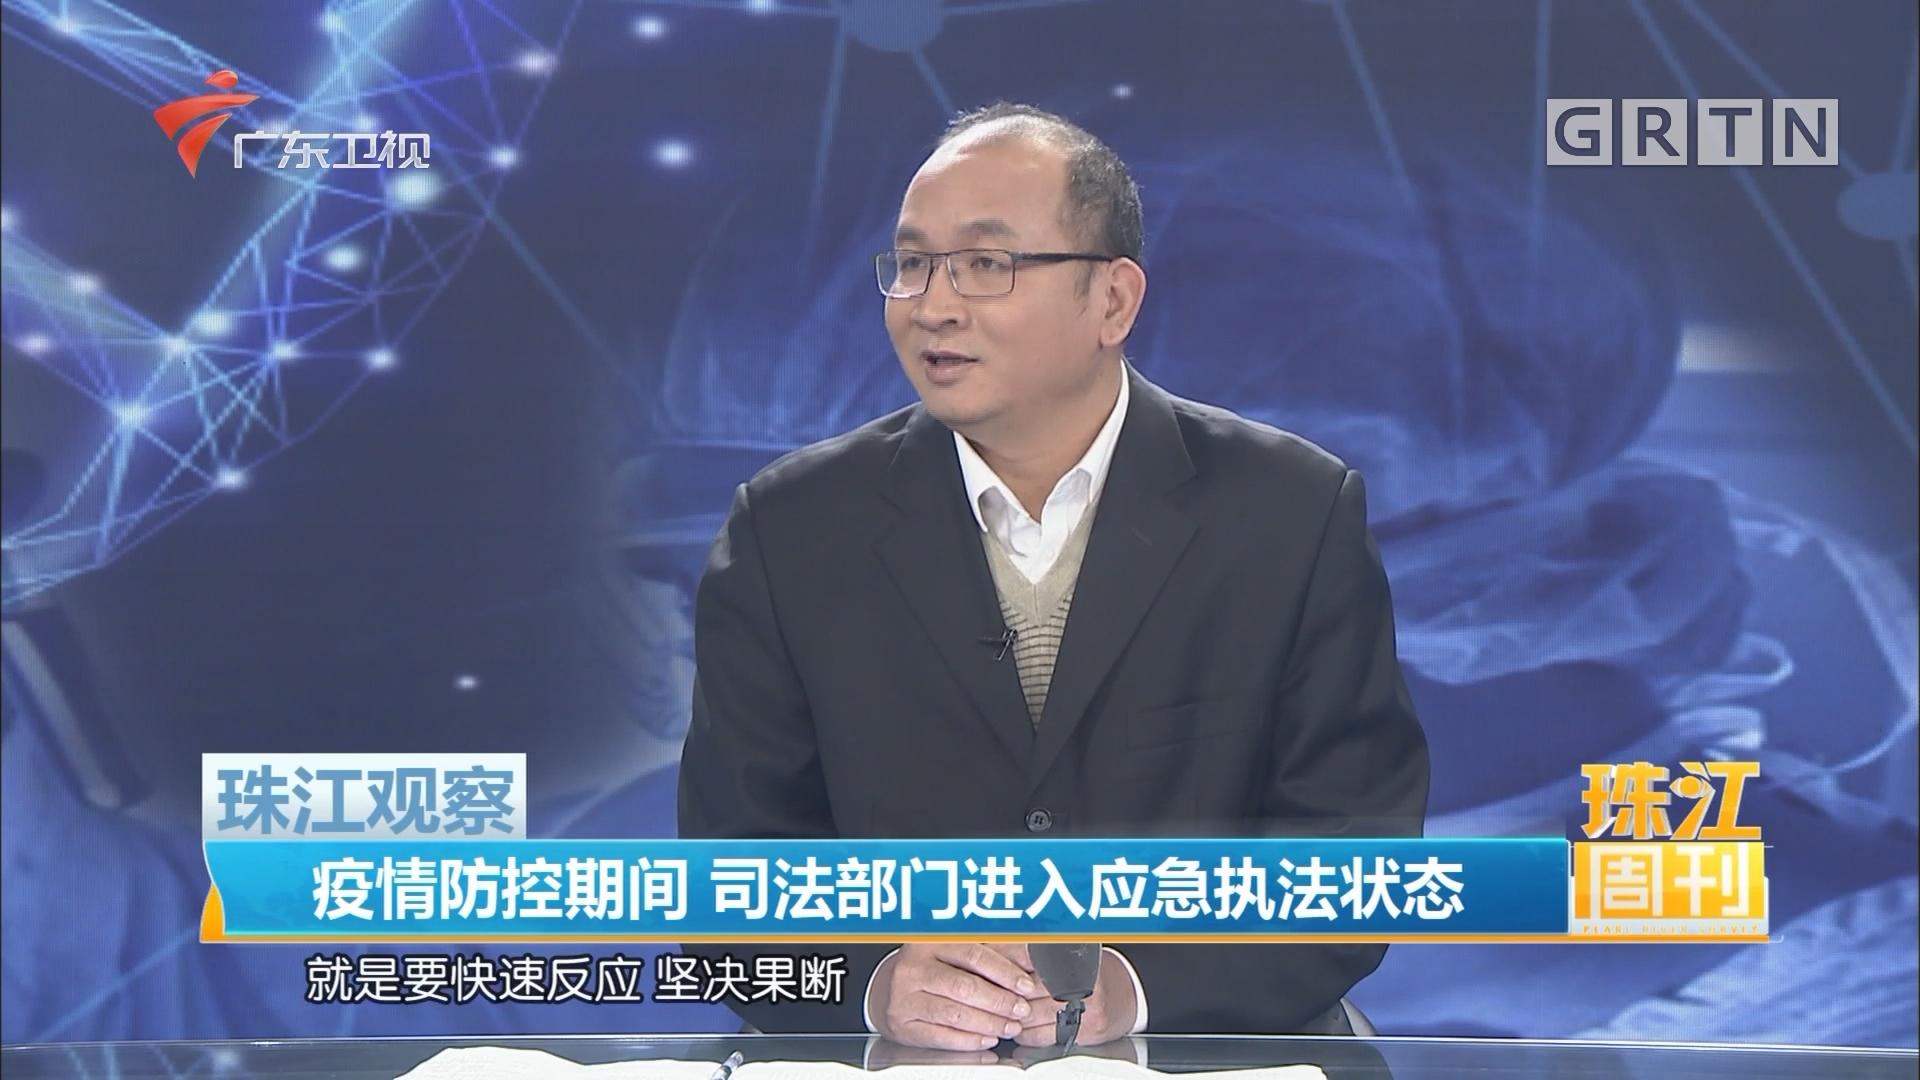 珠江观察:疫情防控期间 司法部门进入应急执法状态